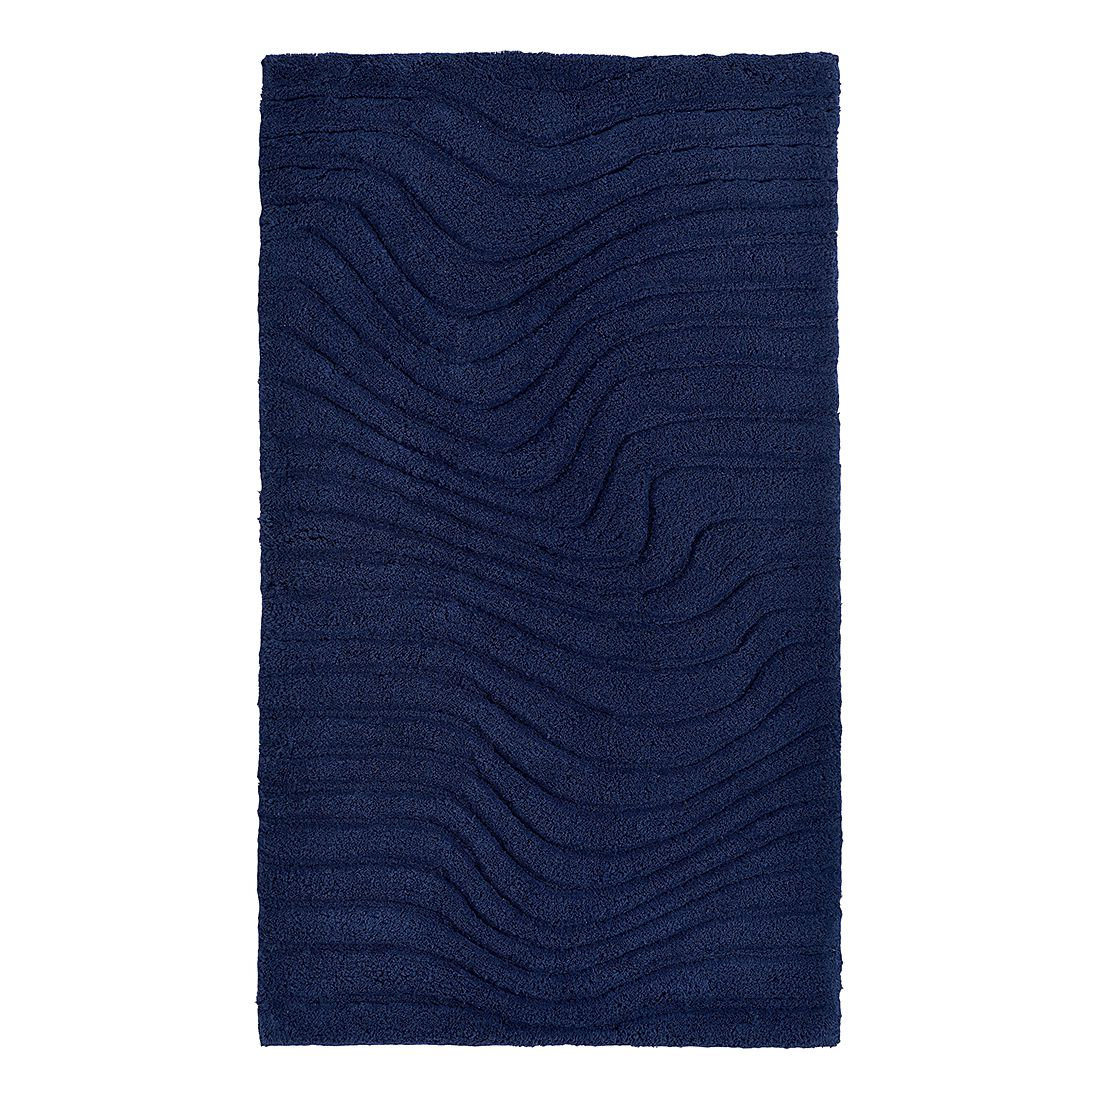 Badteppich Marea - Dunkelblau - Größe: 120 x 70 cm, Grund